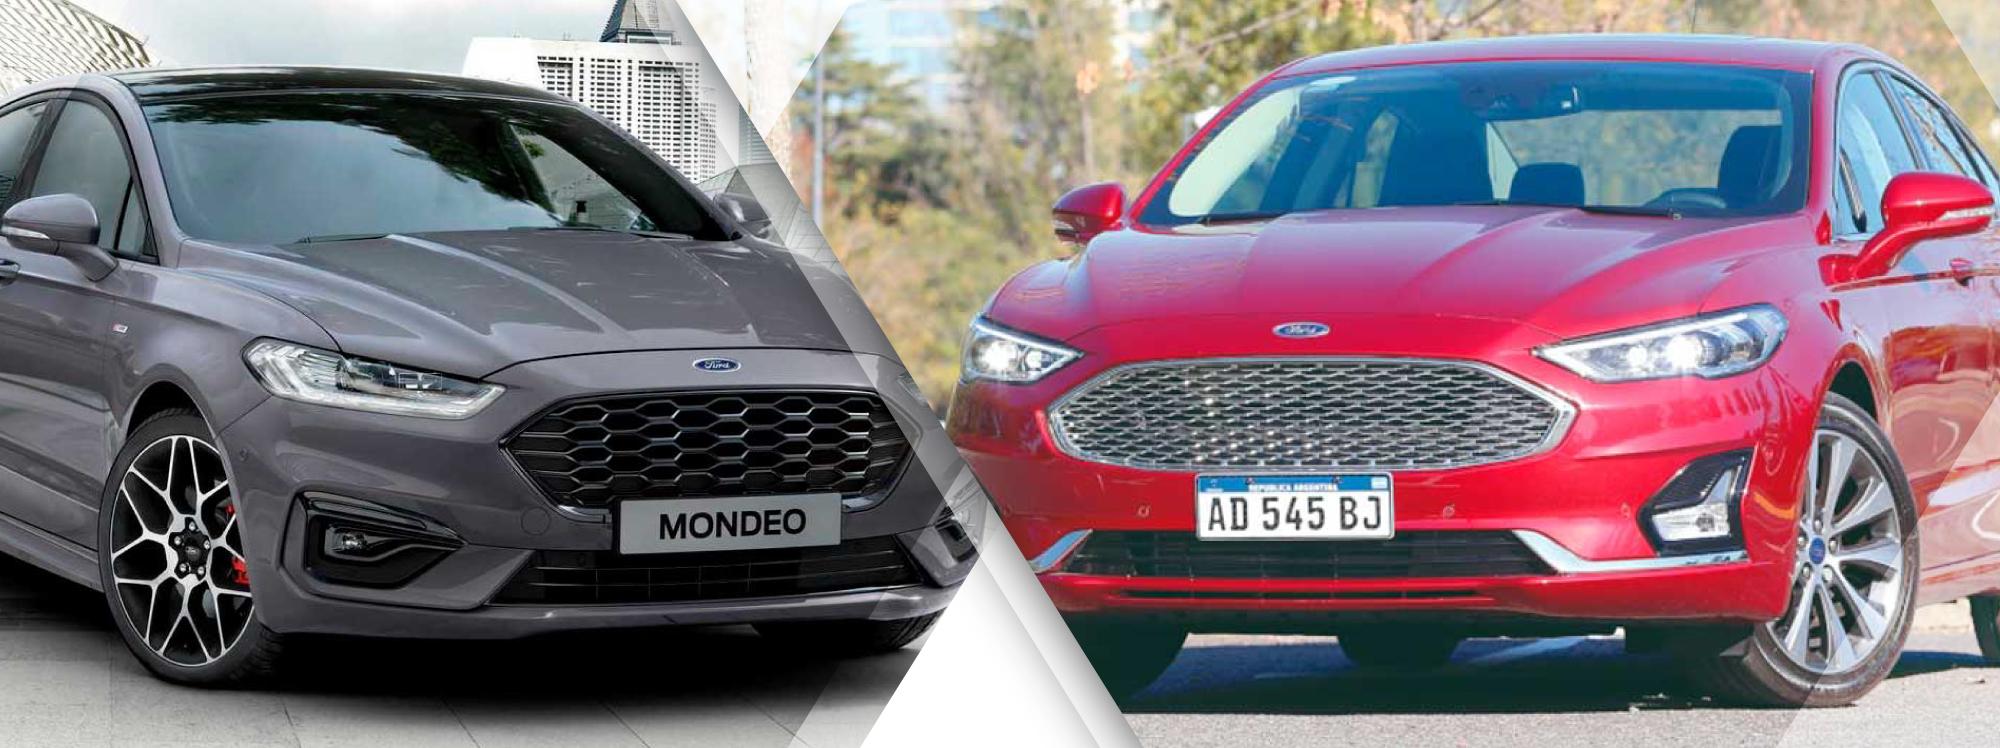 Adiós al Mondeo: Ford tomó una dramática decisión en Europa